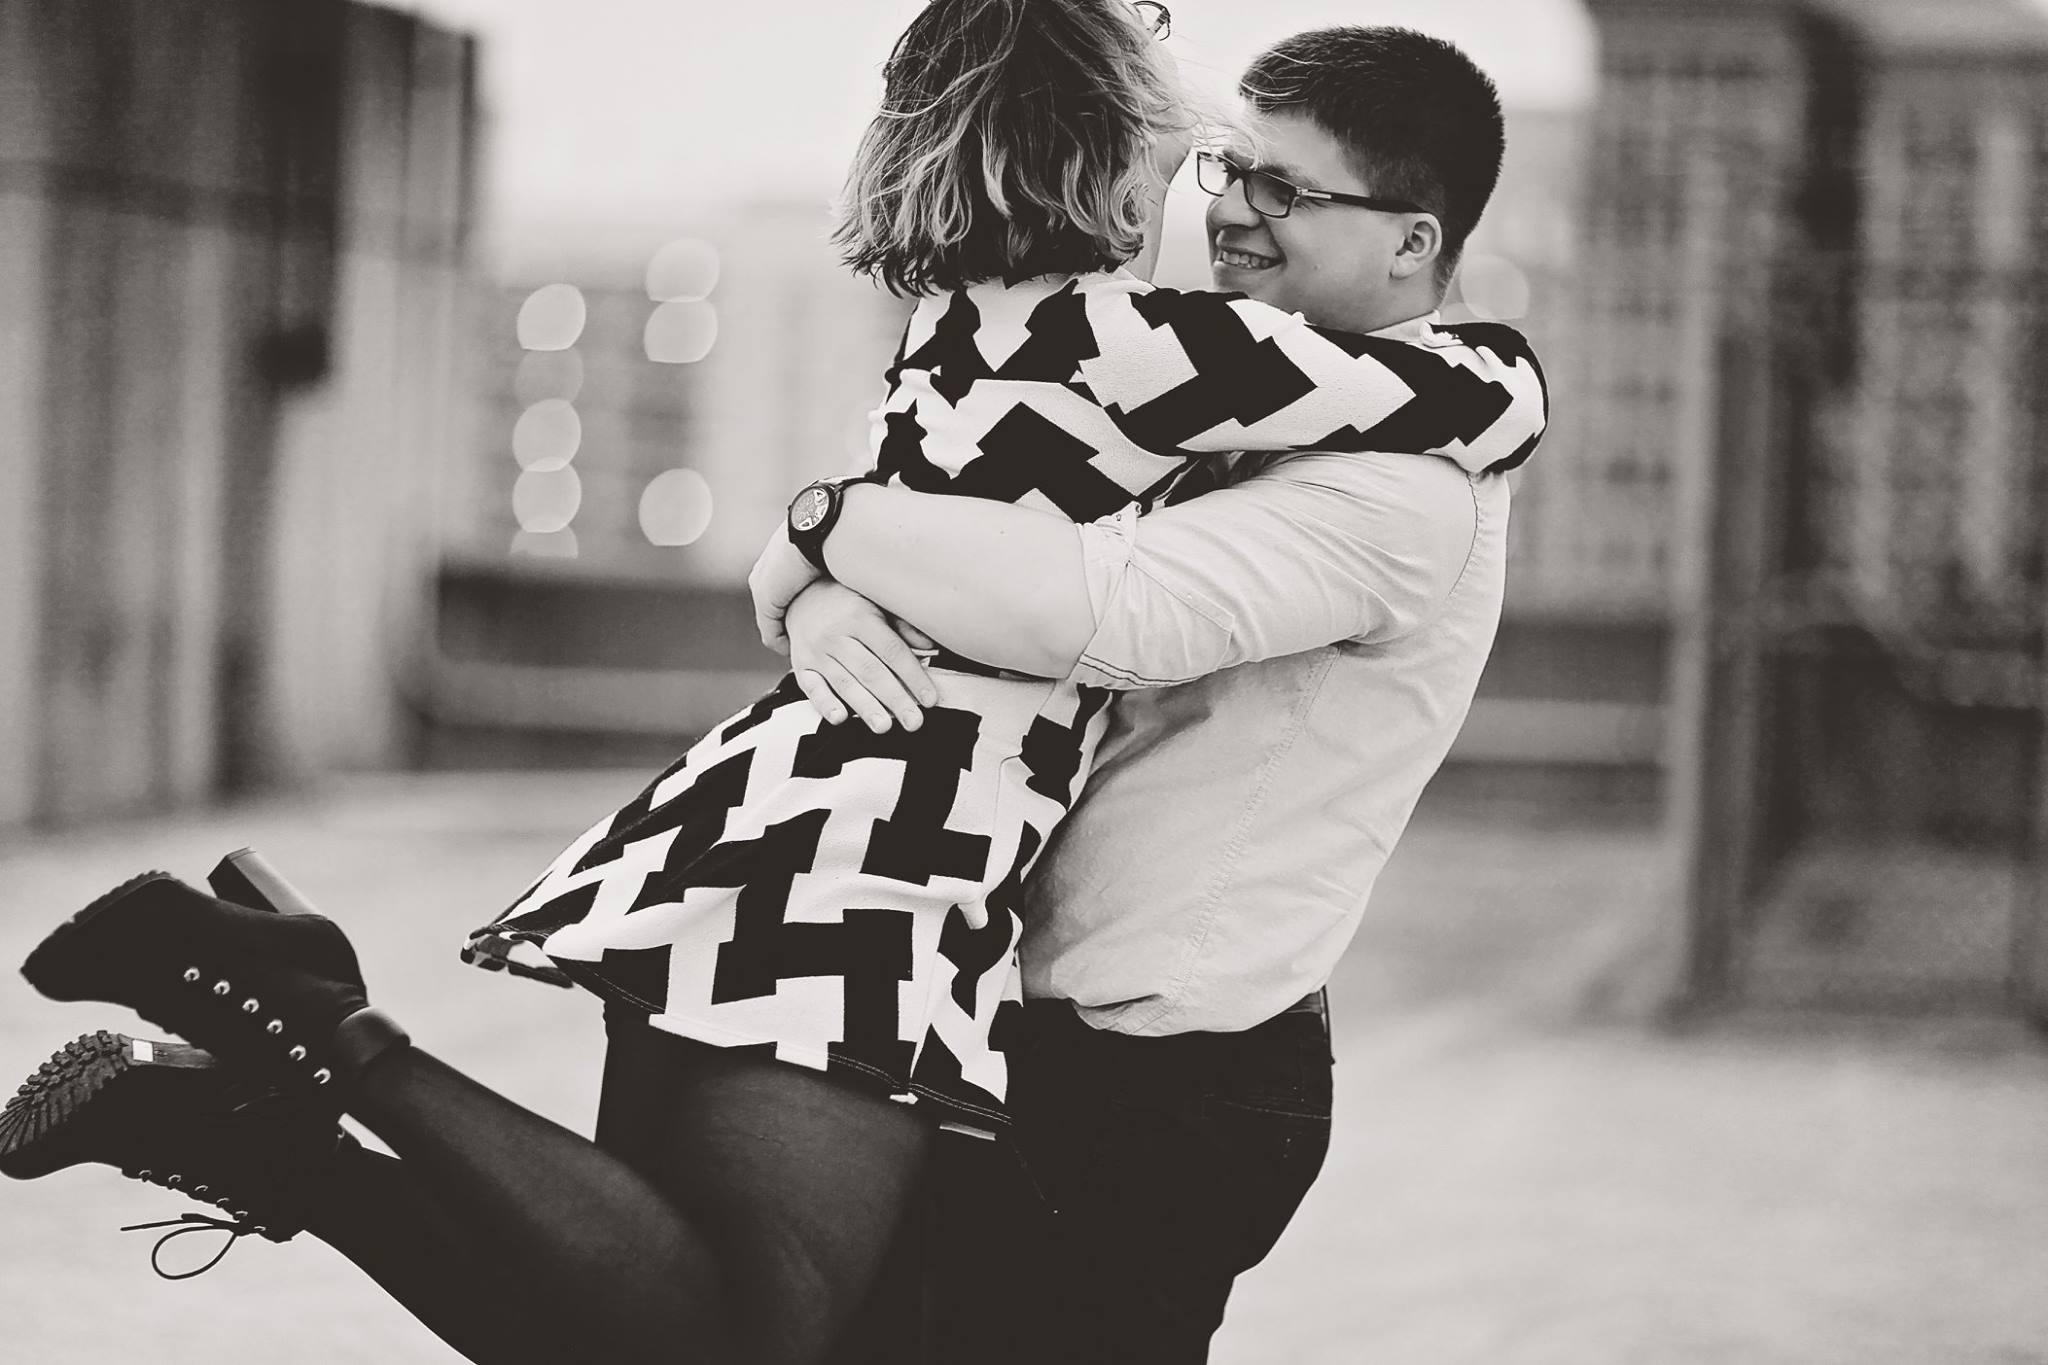 「抱きかかえる」の意味・「抱く」との違い・夢占いでわかる心理